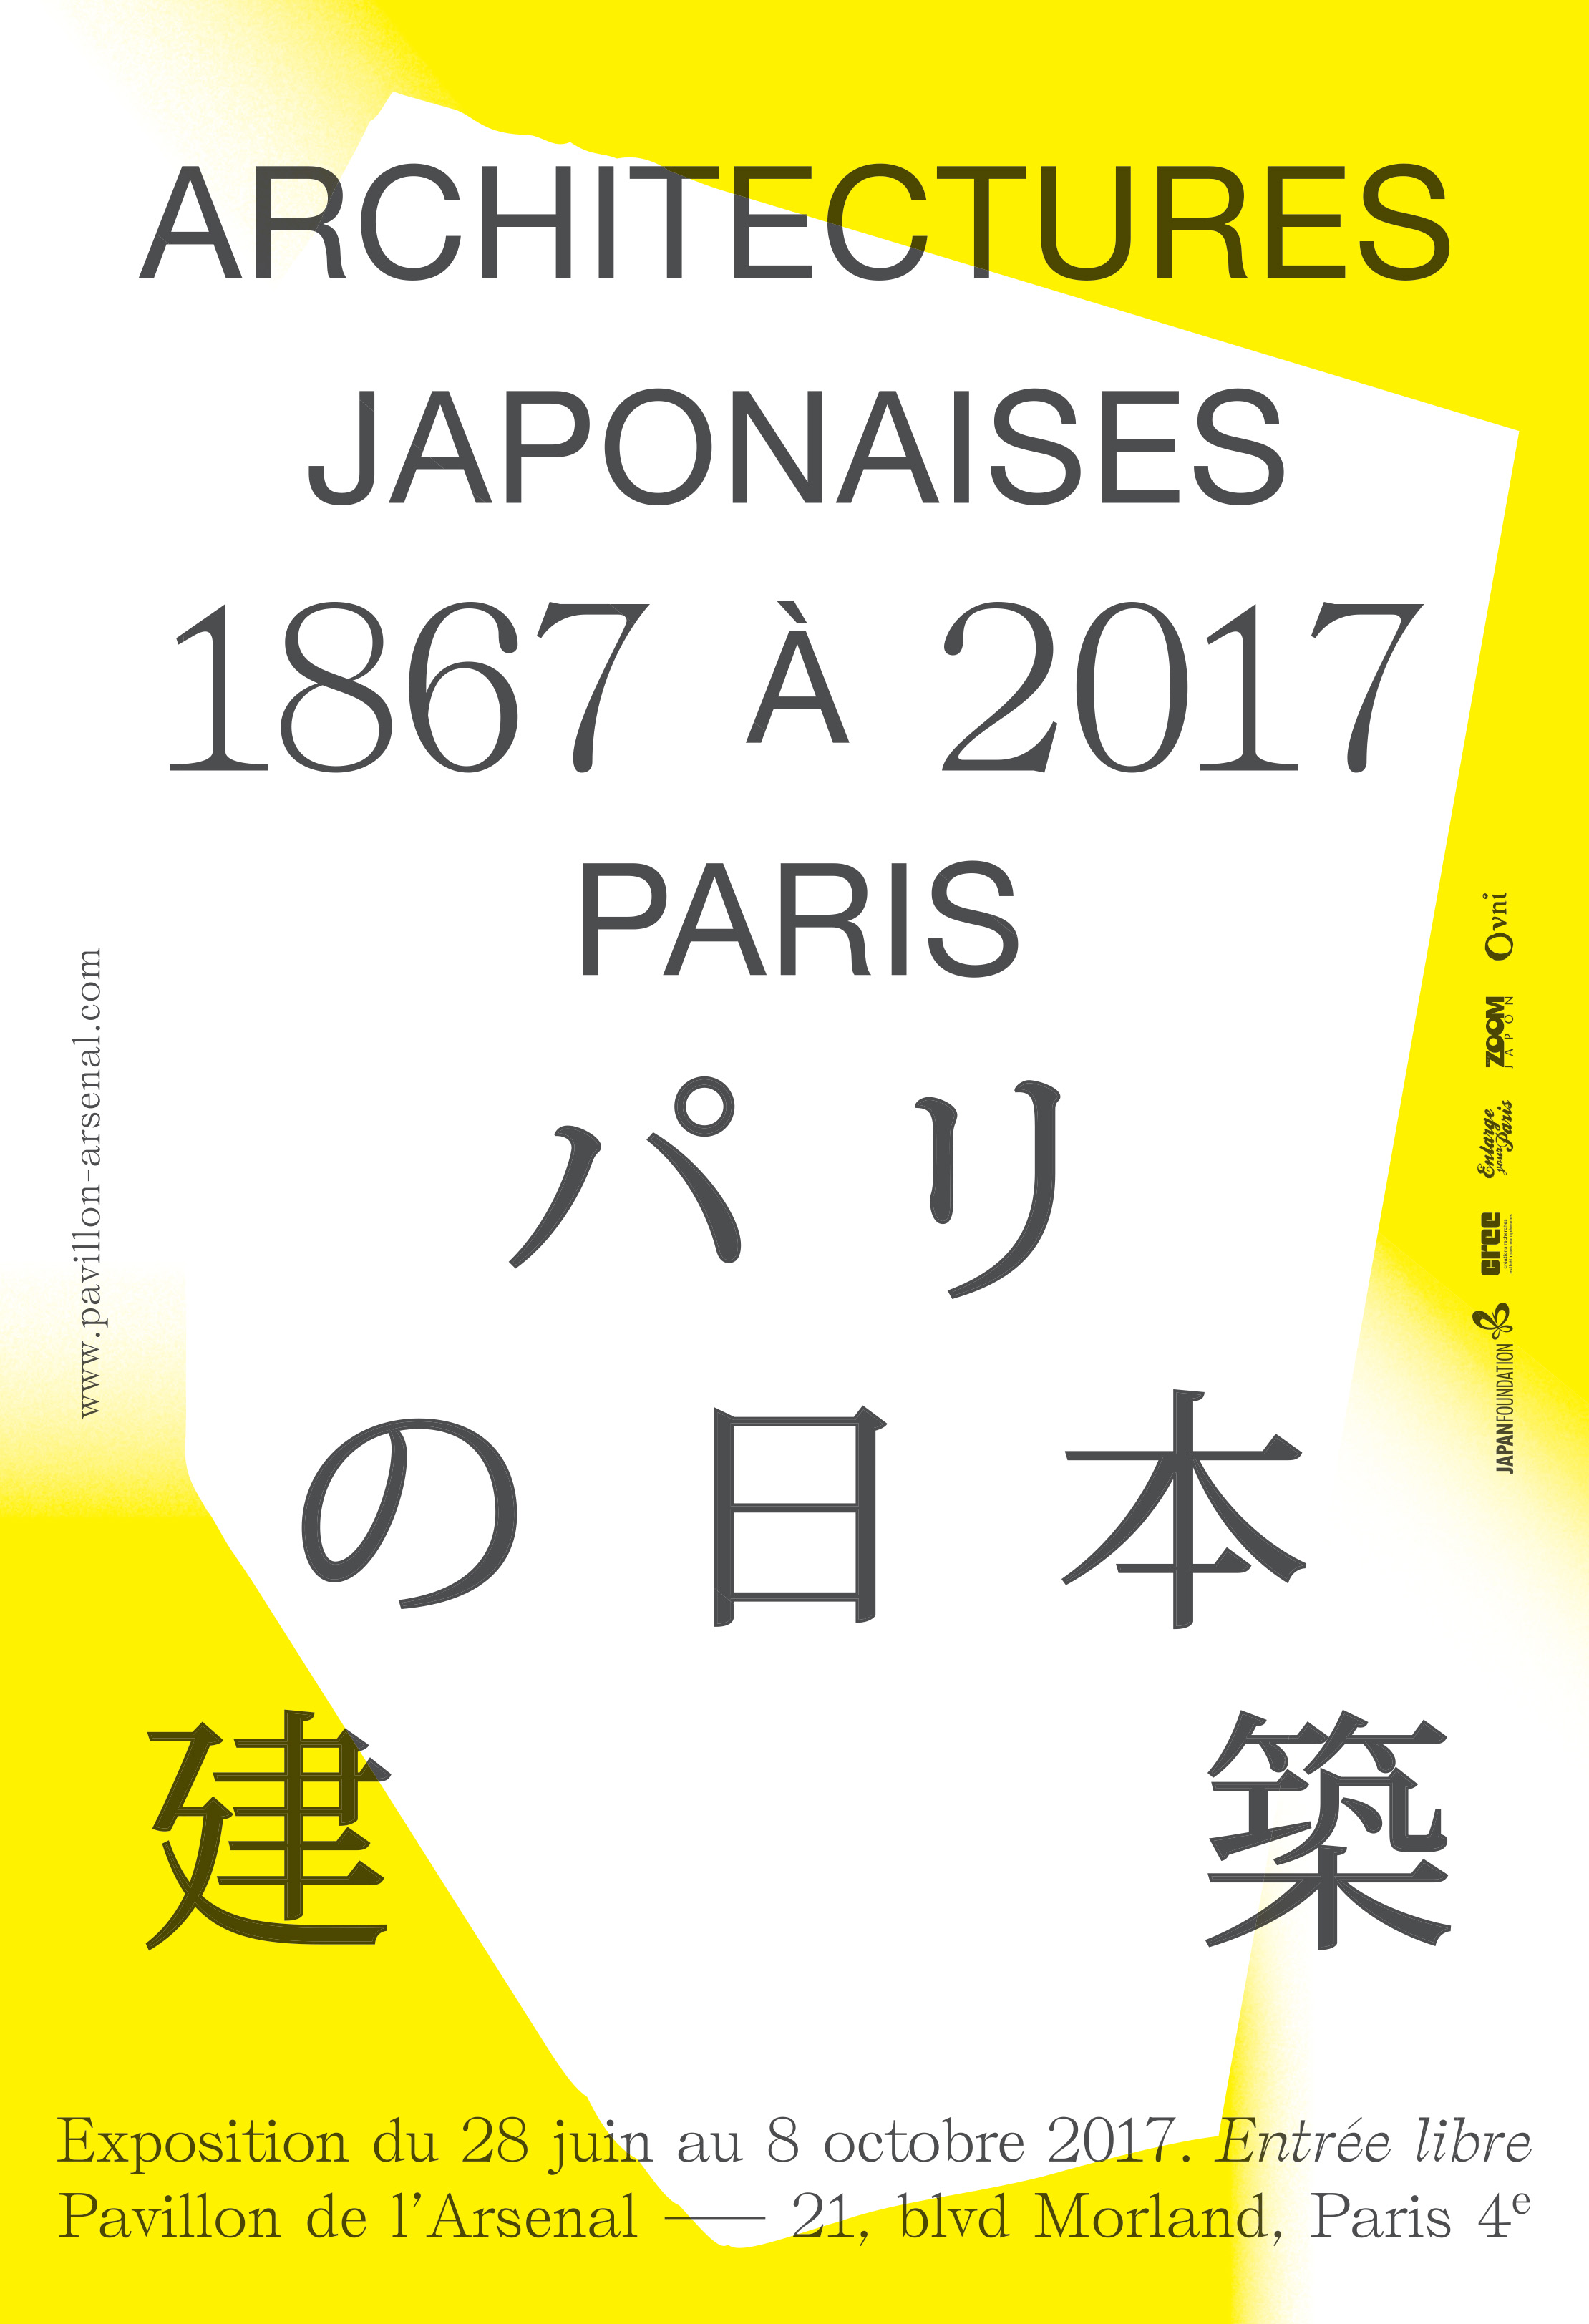 Architectures Japonaises à Paris - Fonts In Use